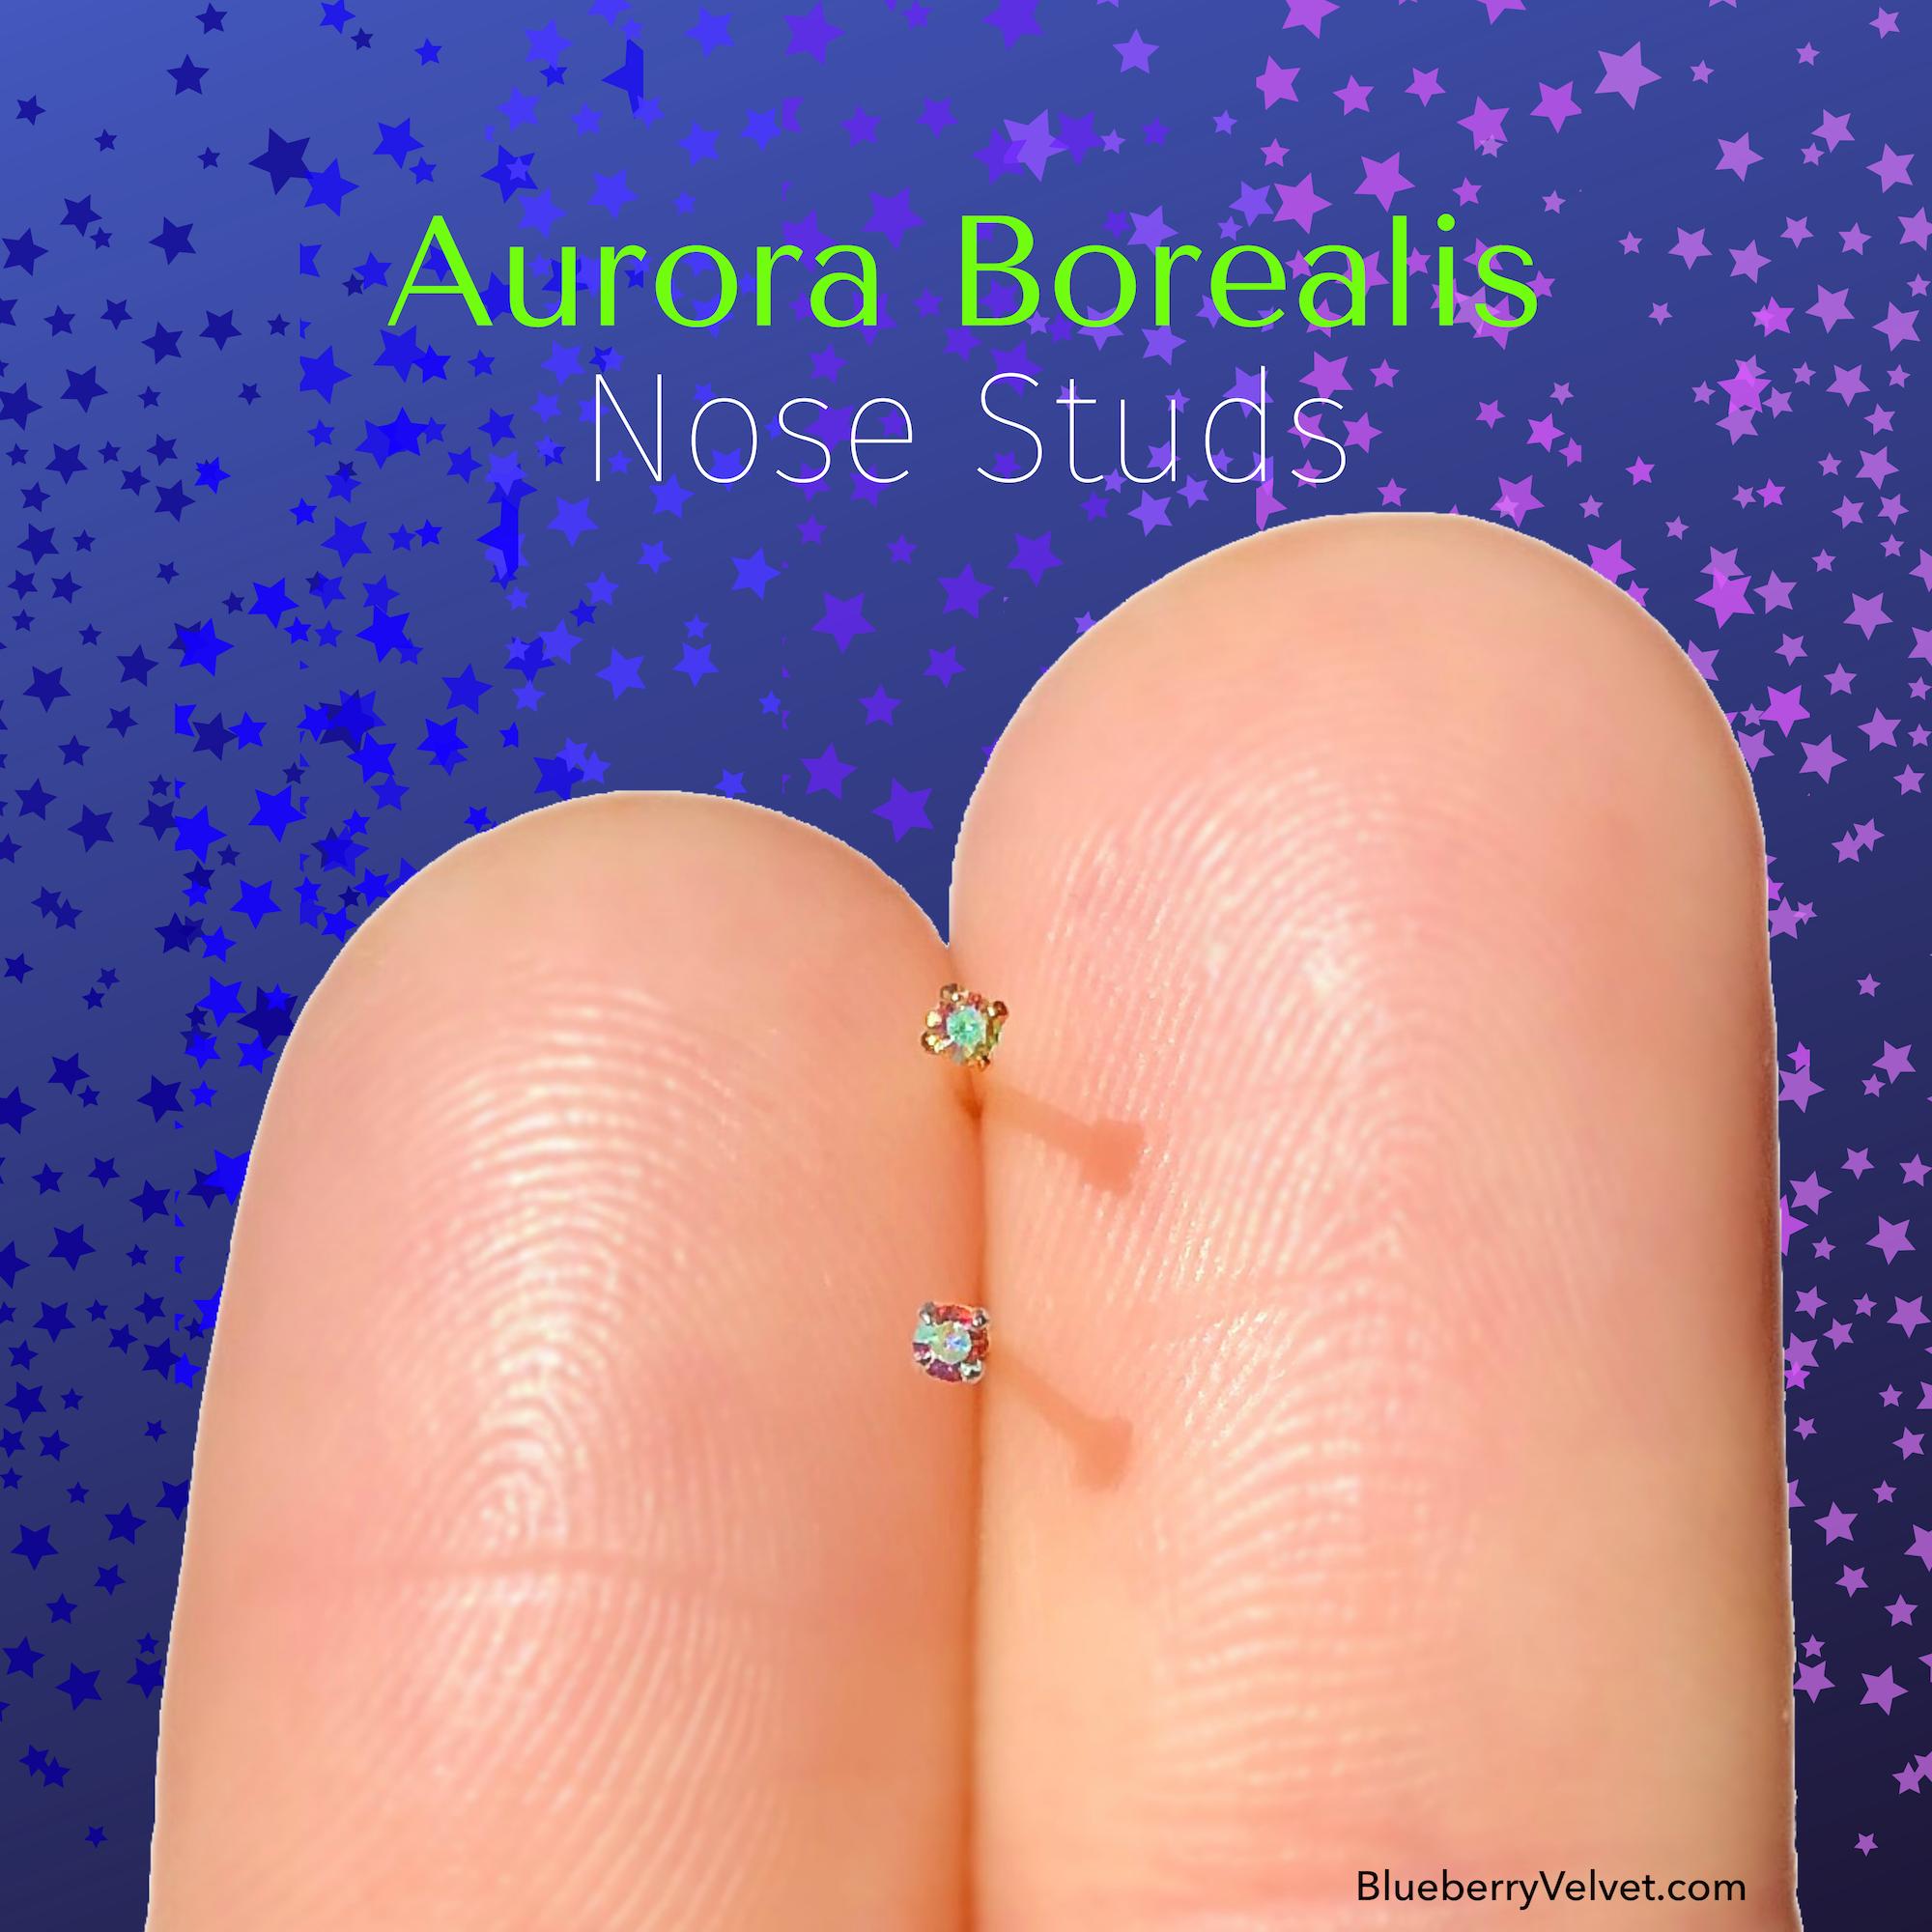 Tiny Diamond Nose Stud Diamond Nose Ring Nose Piercing Etsy Tiny Nose Studs Nose Stud Diamond Nose Stud